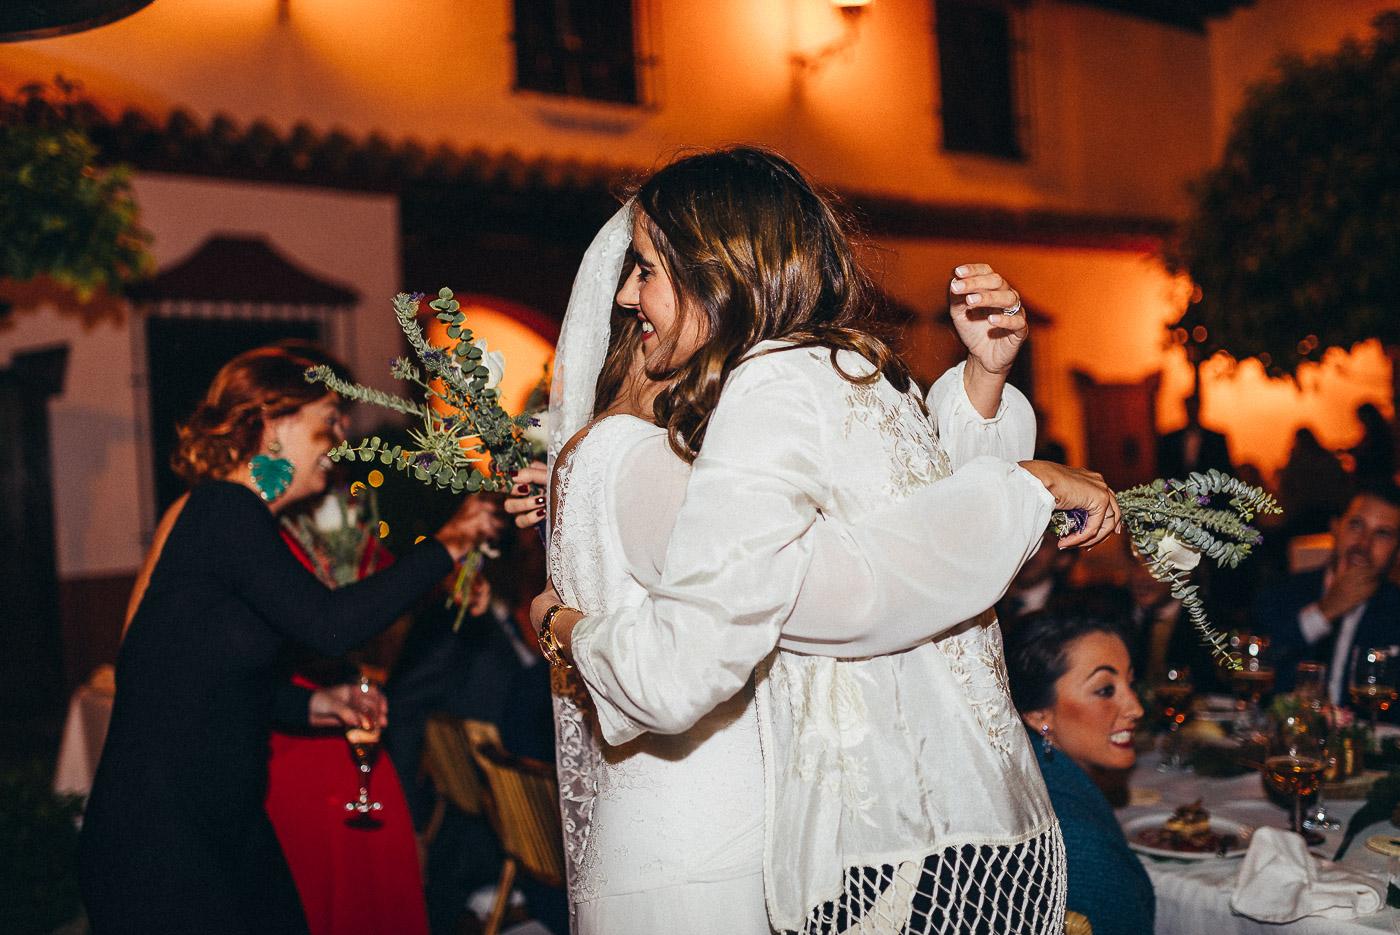 boda-san-francisco-vergel-fotografo-manuel-fijo